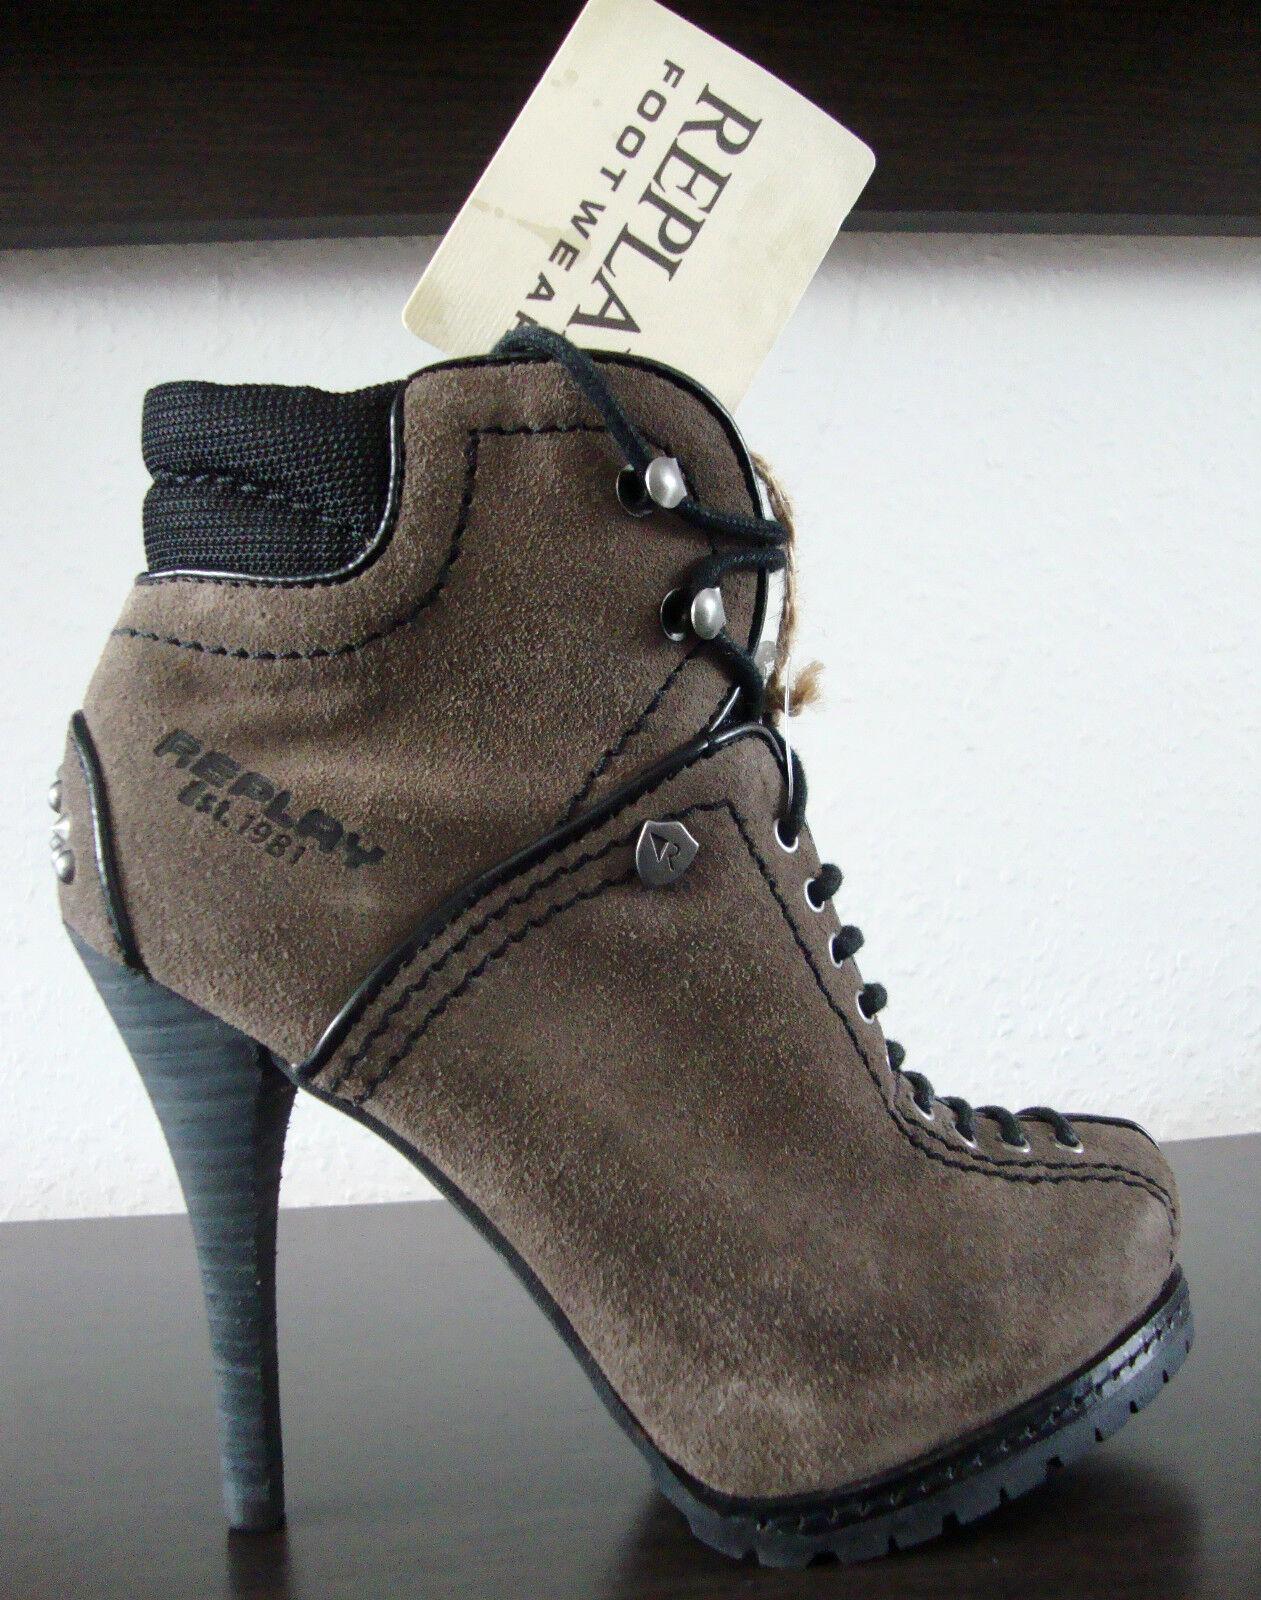 REPLAY Damen Stiefelette RP320016L Damen Damen Damen Stiefel Leder AnkleStiefel Nieten Gr.35 NEU 220d36